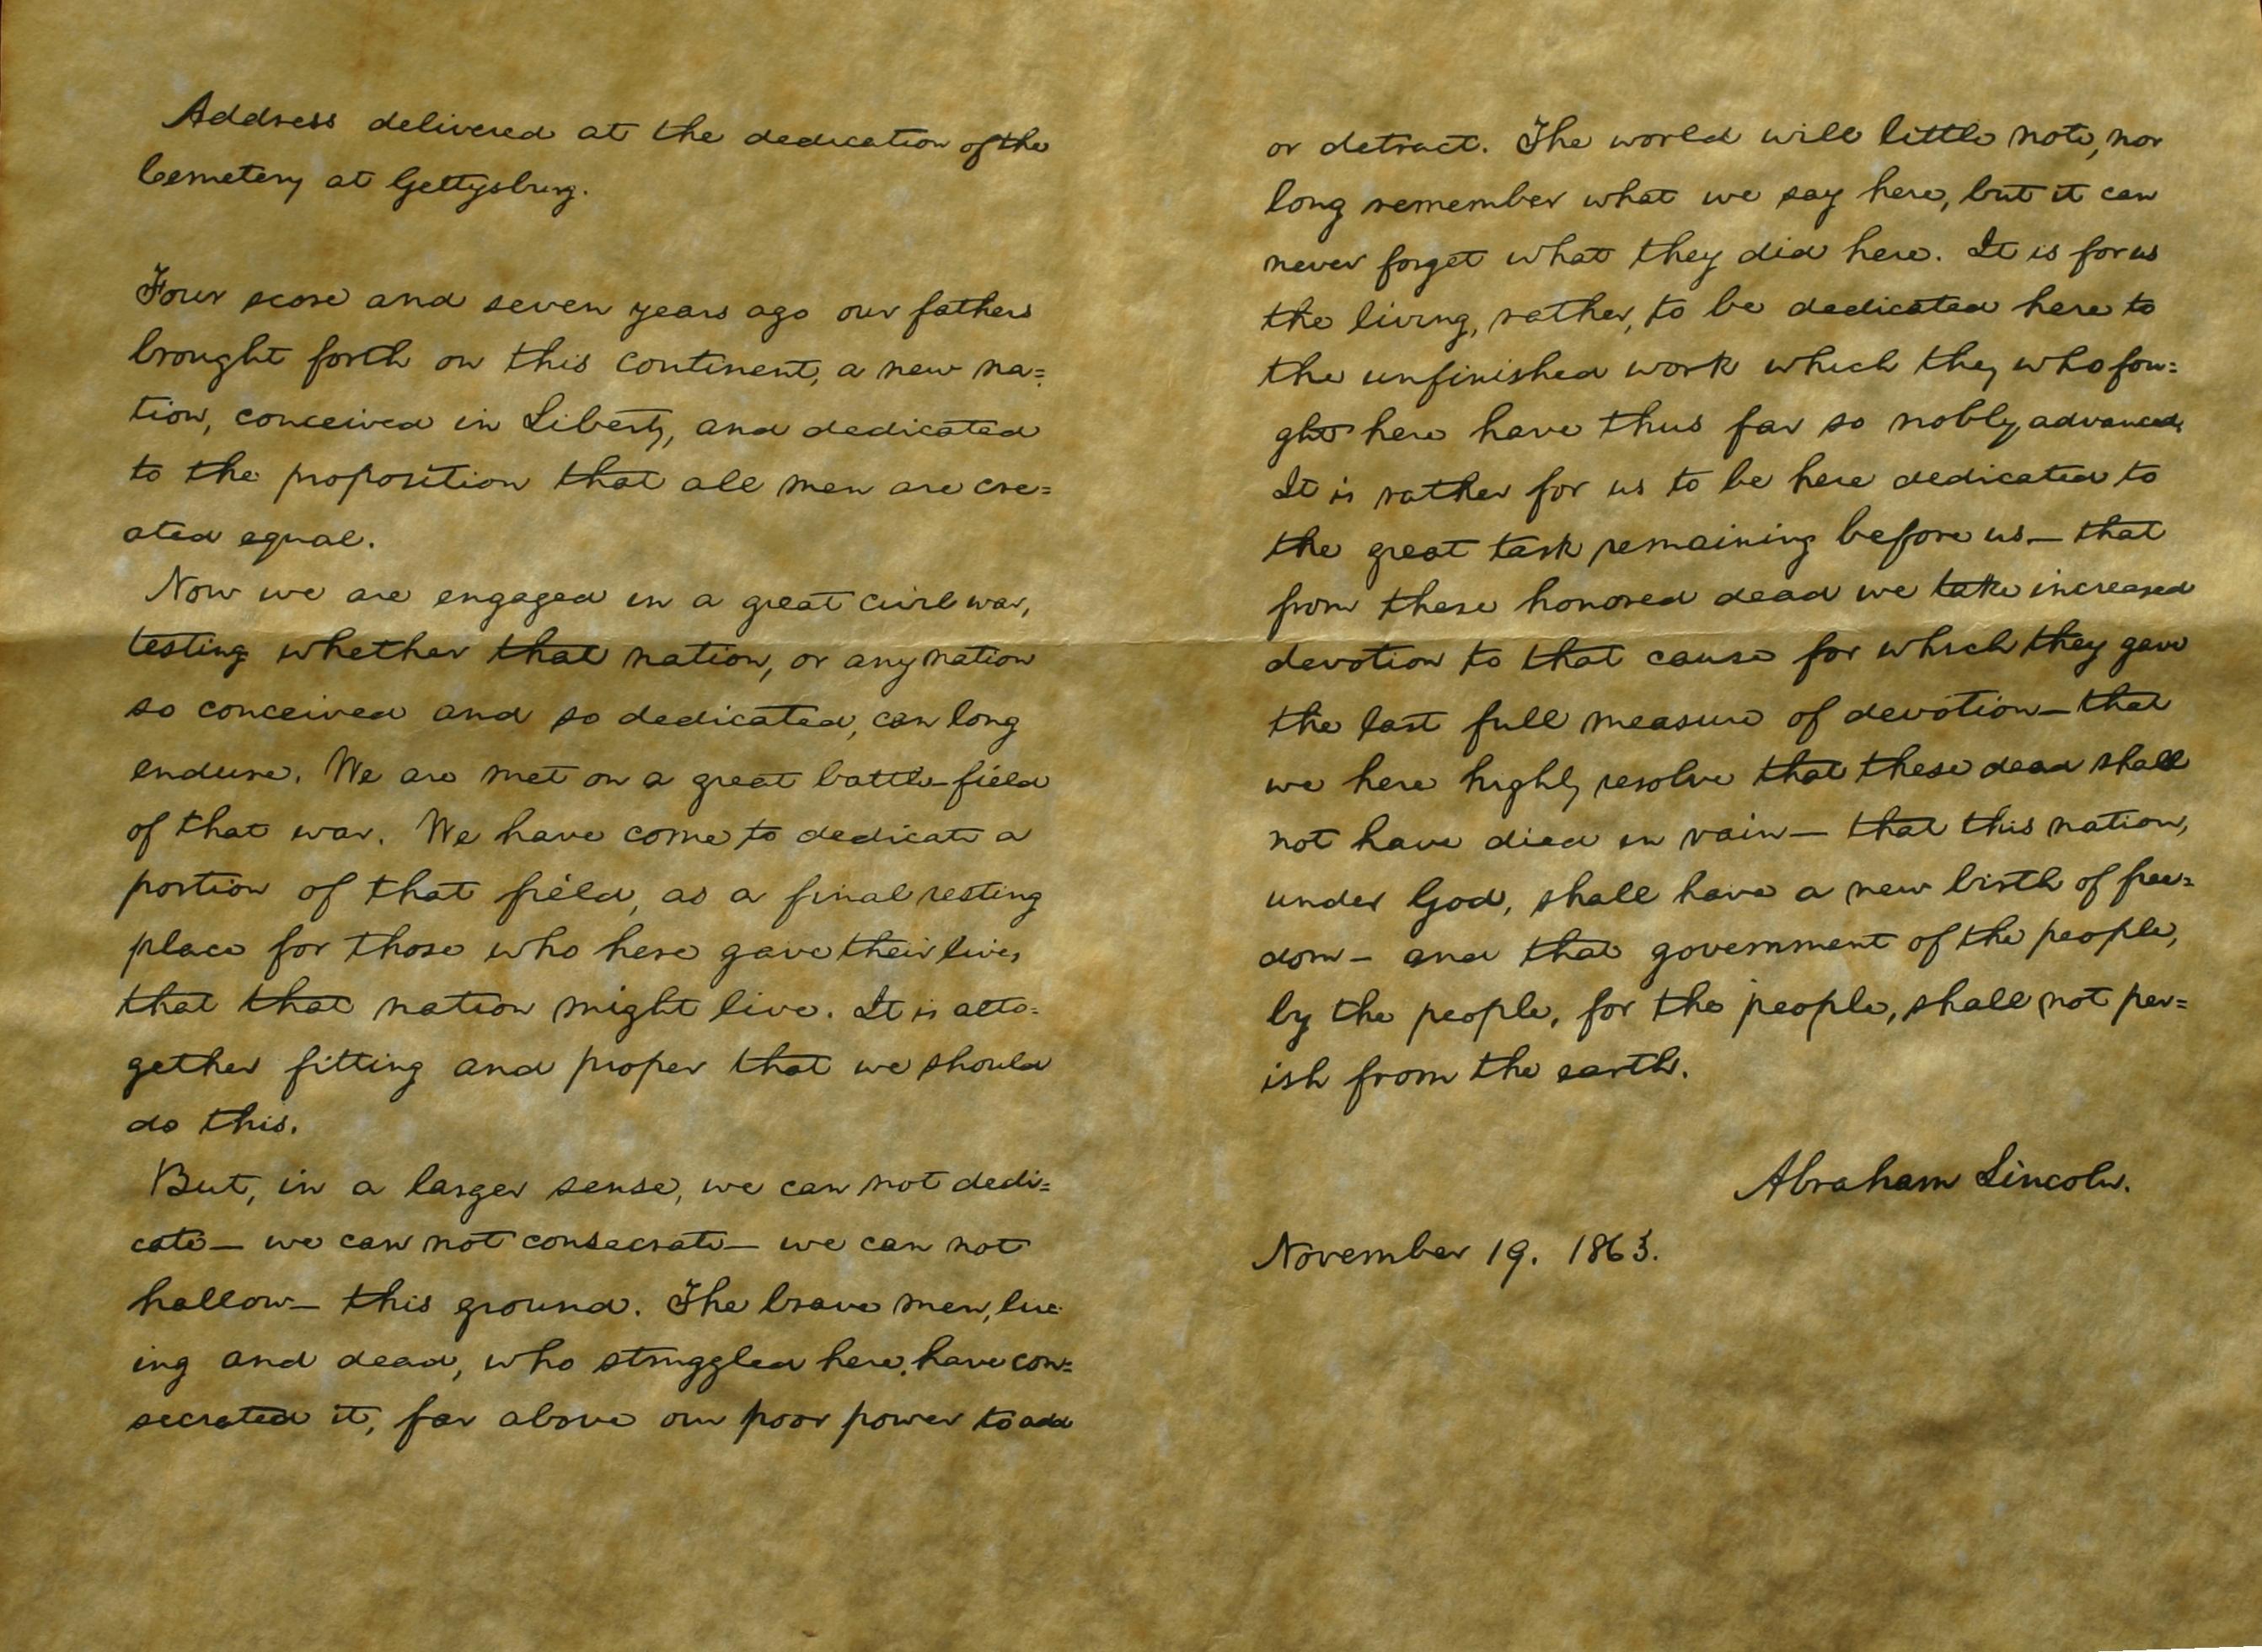 Gettyburg Address Handwritten